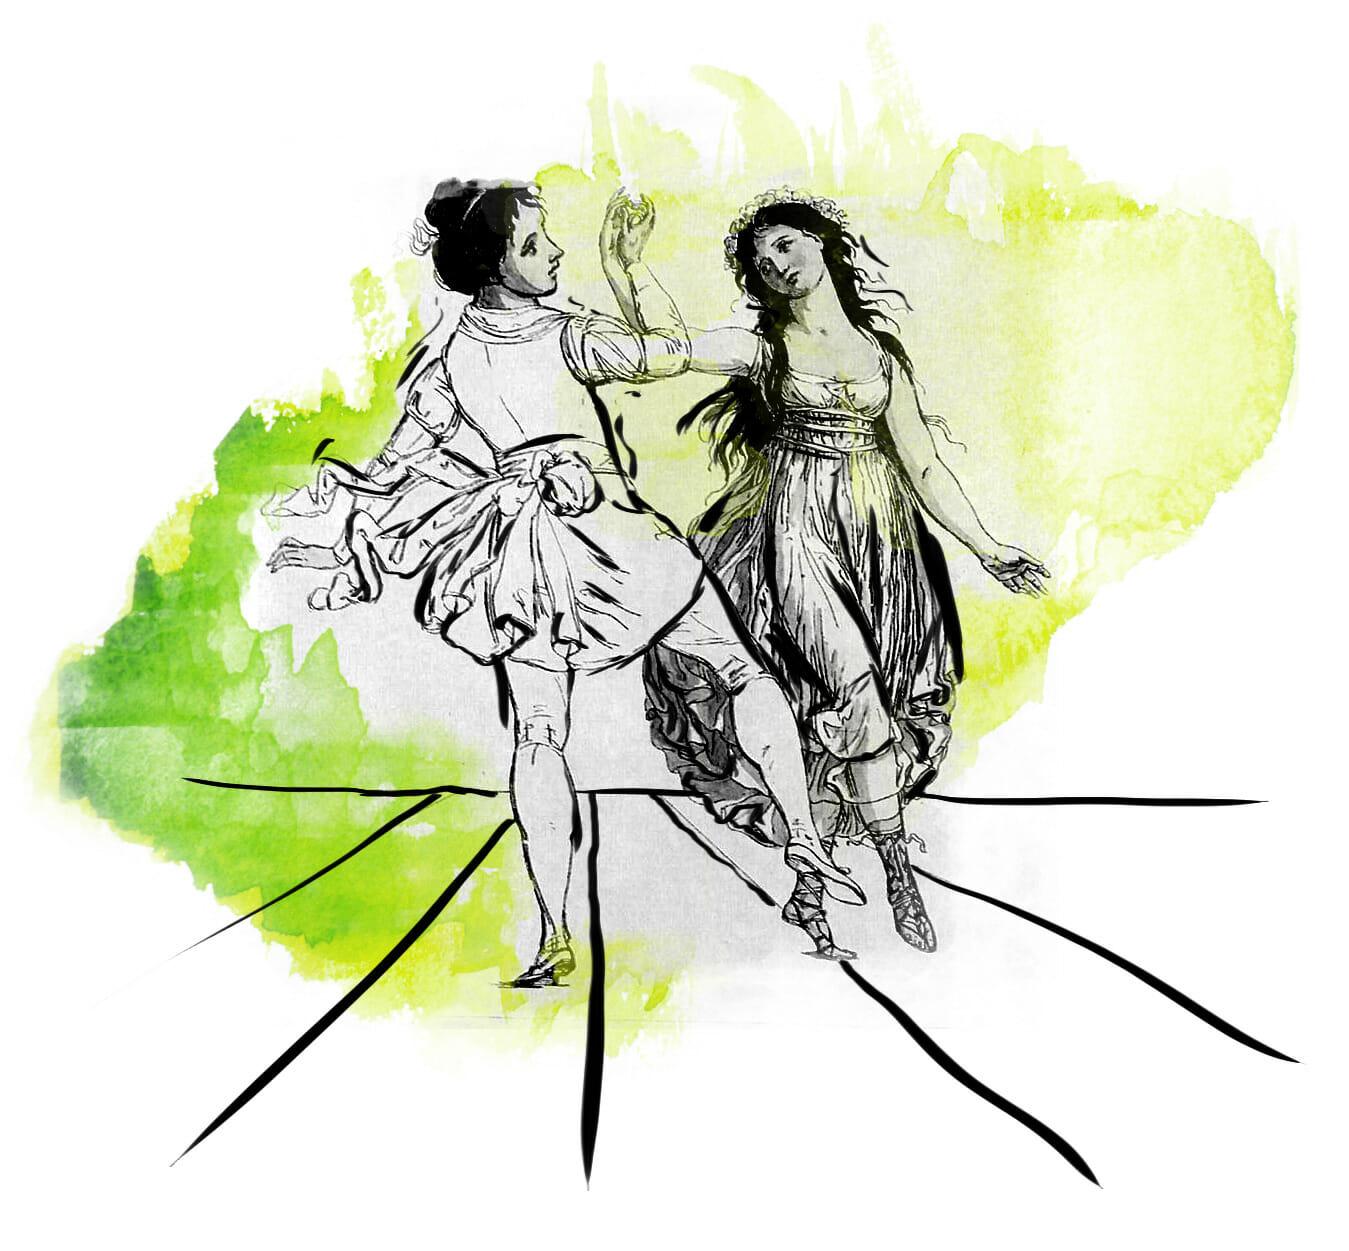 Zwei Mädchen in luftigen Gewändern tanzen miteinander.